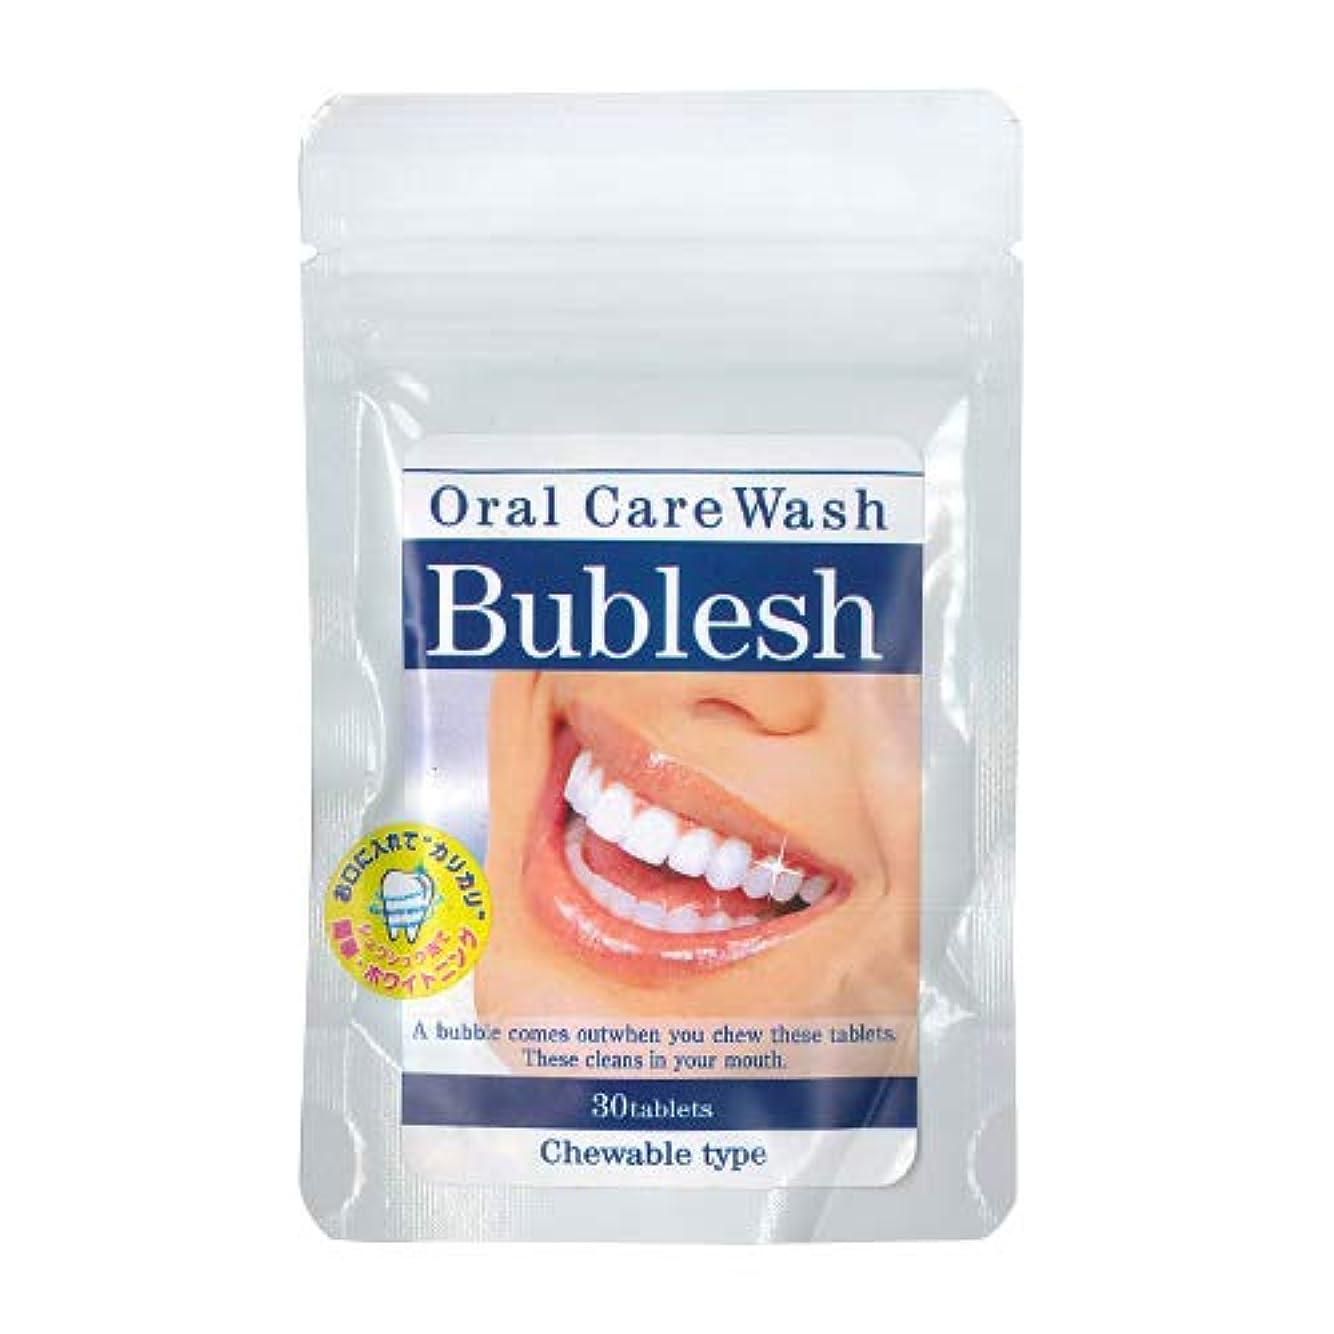 トロリーバス少数クロニクルオーラルケアウォッシュ バブレッシュ (Oral Care Wash Bublesh) 30粒 × 3個セット